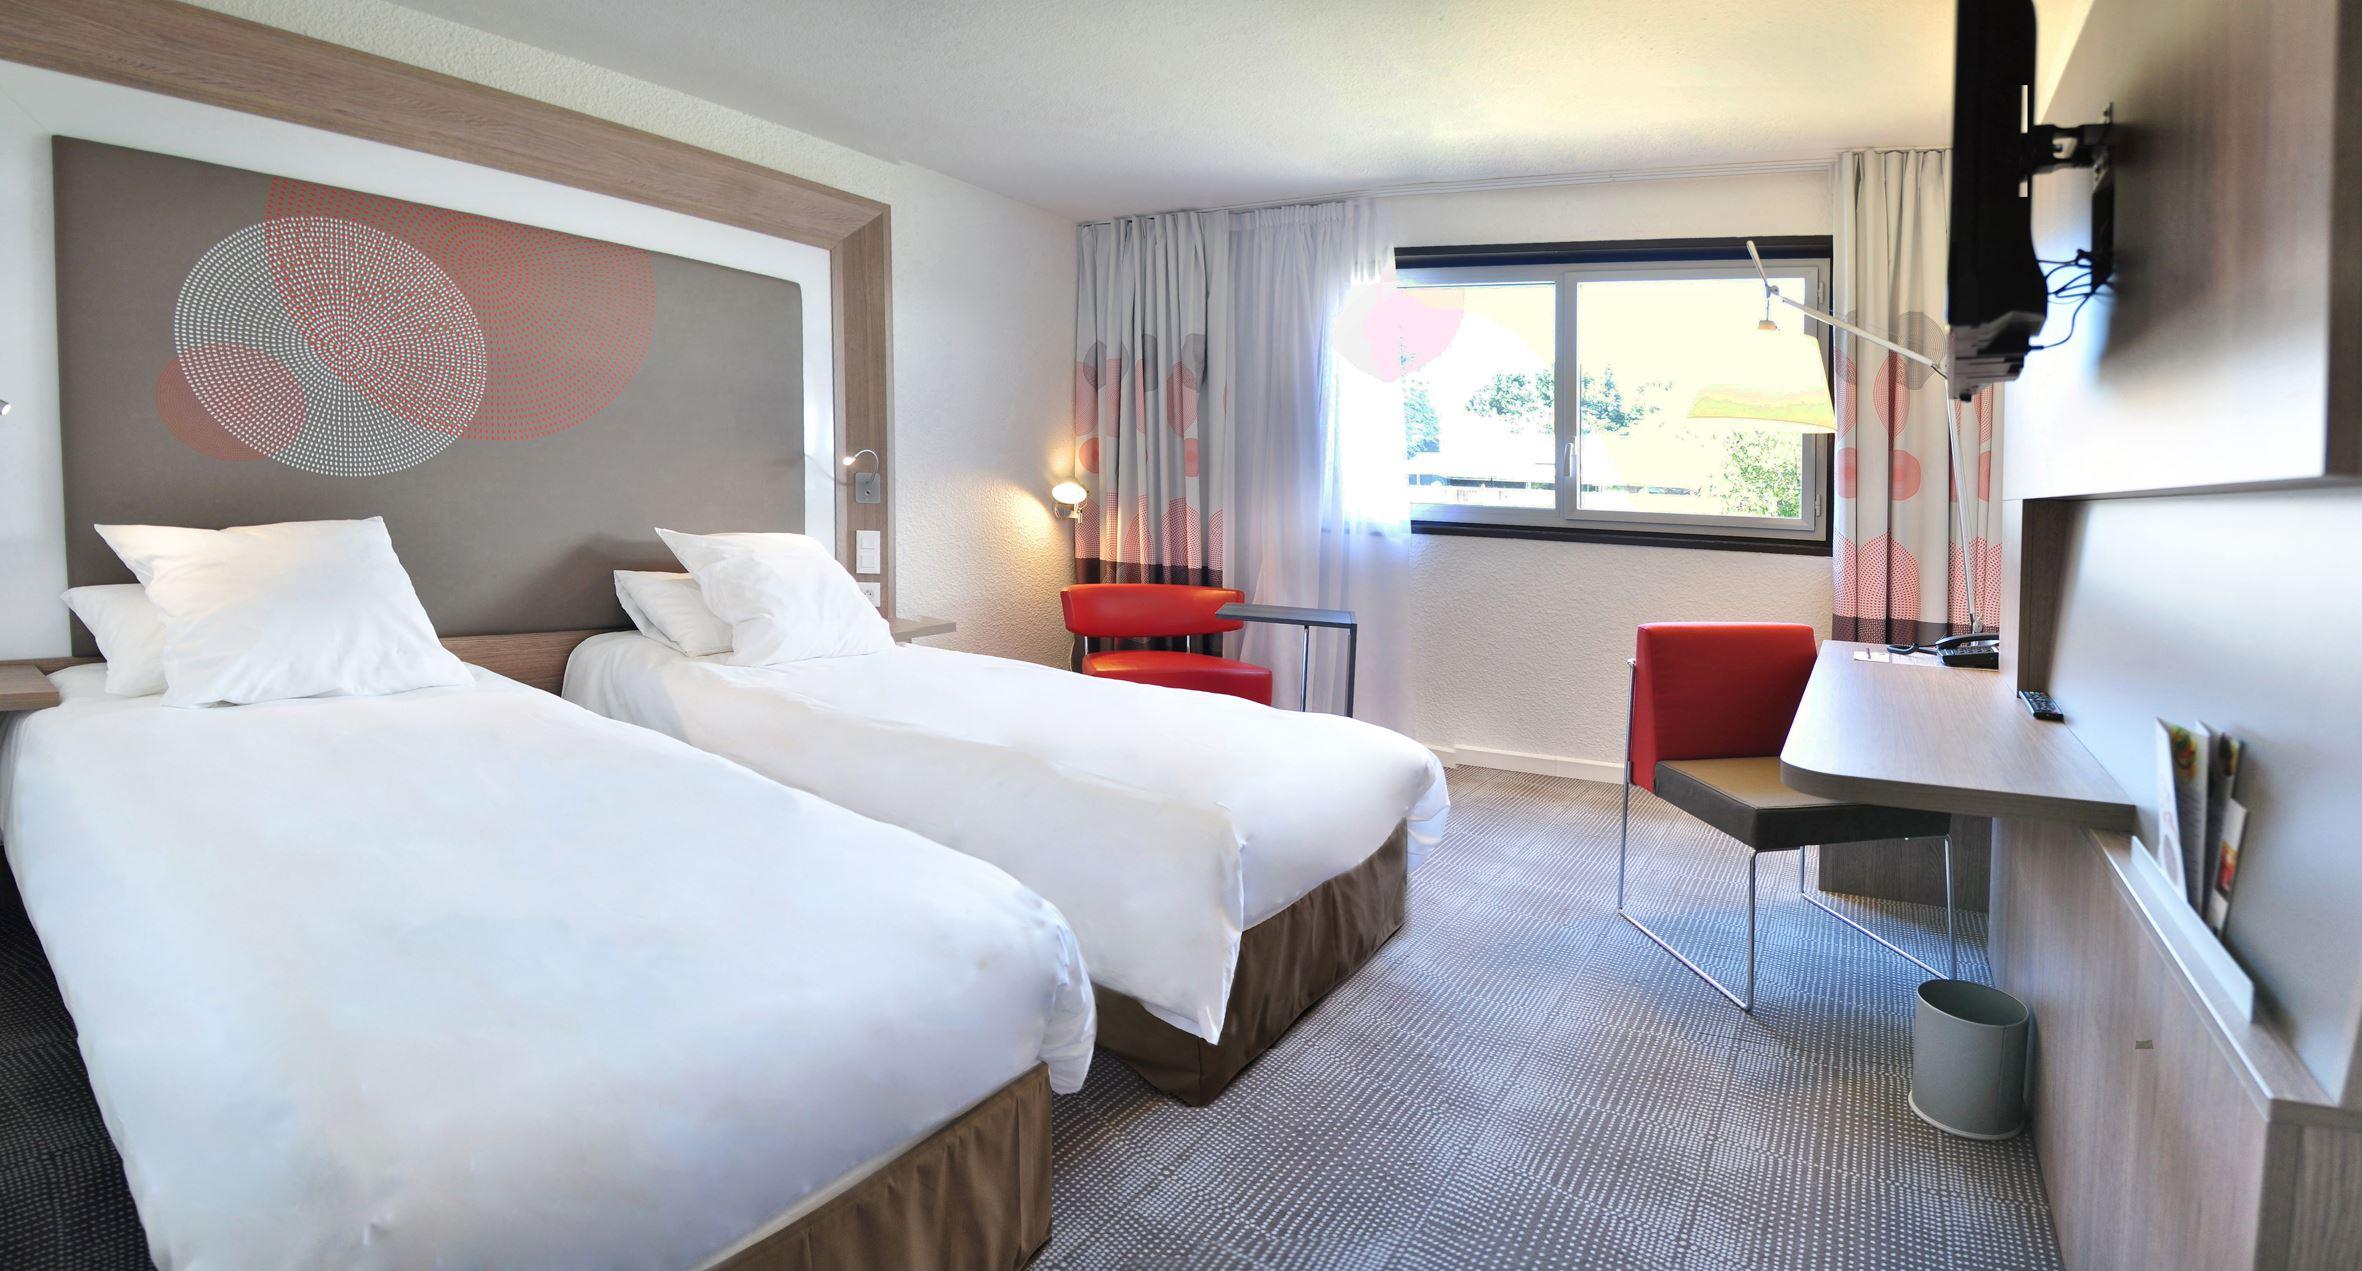 Novotel Carquefou Hotel